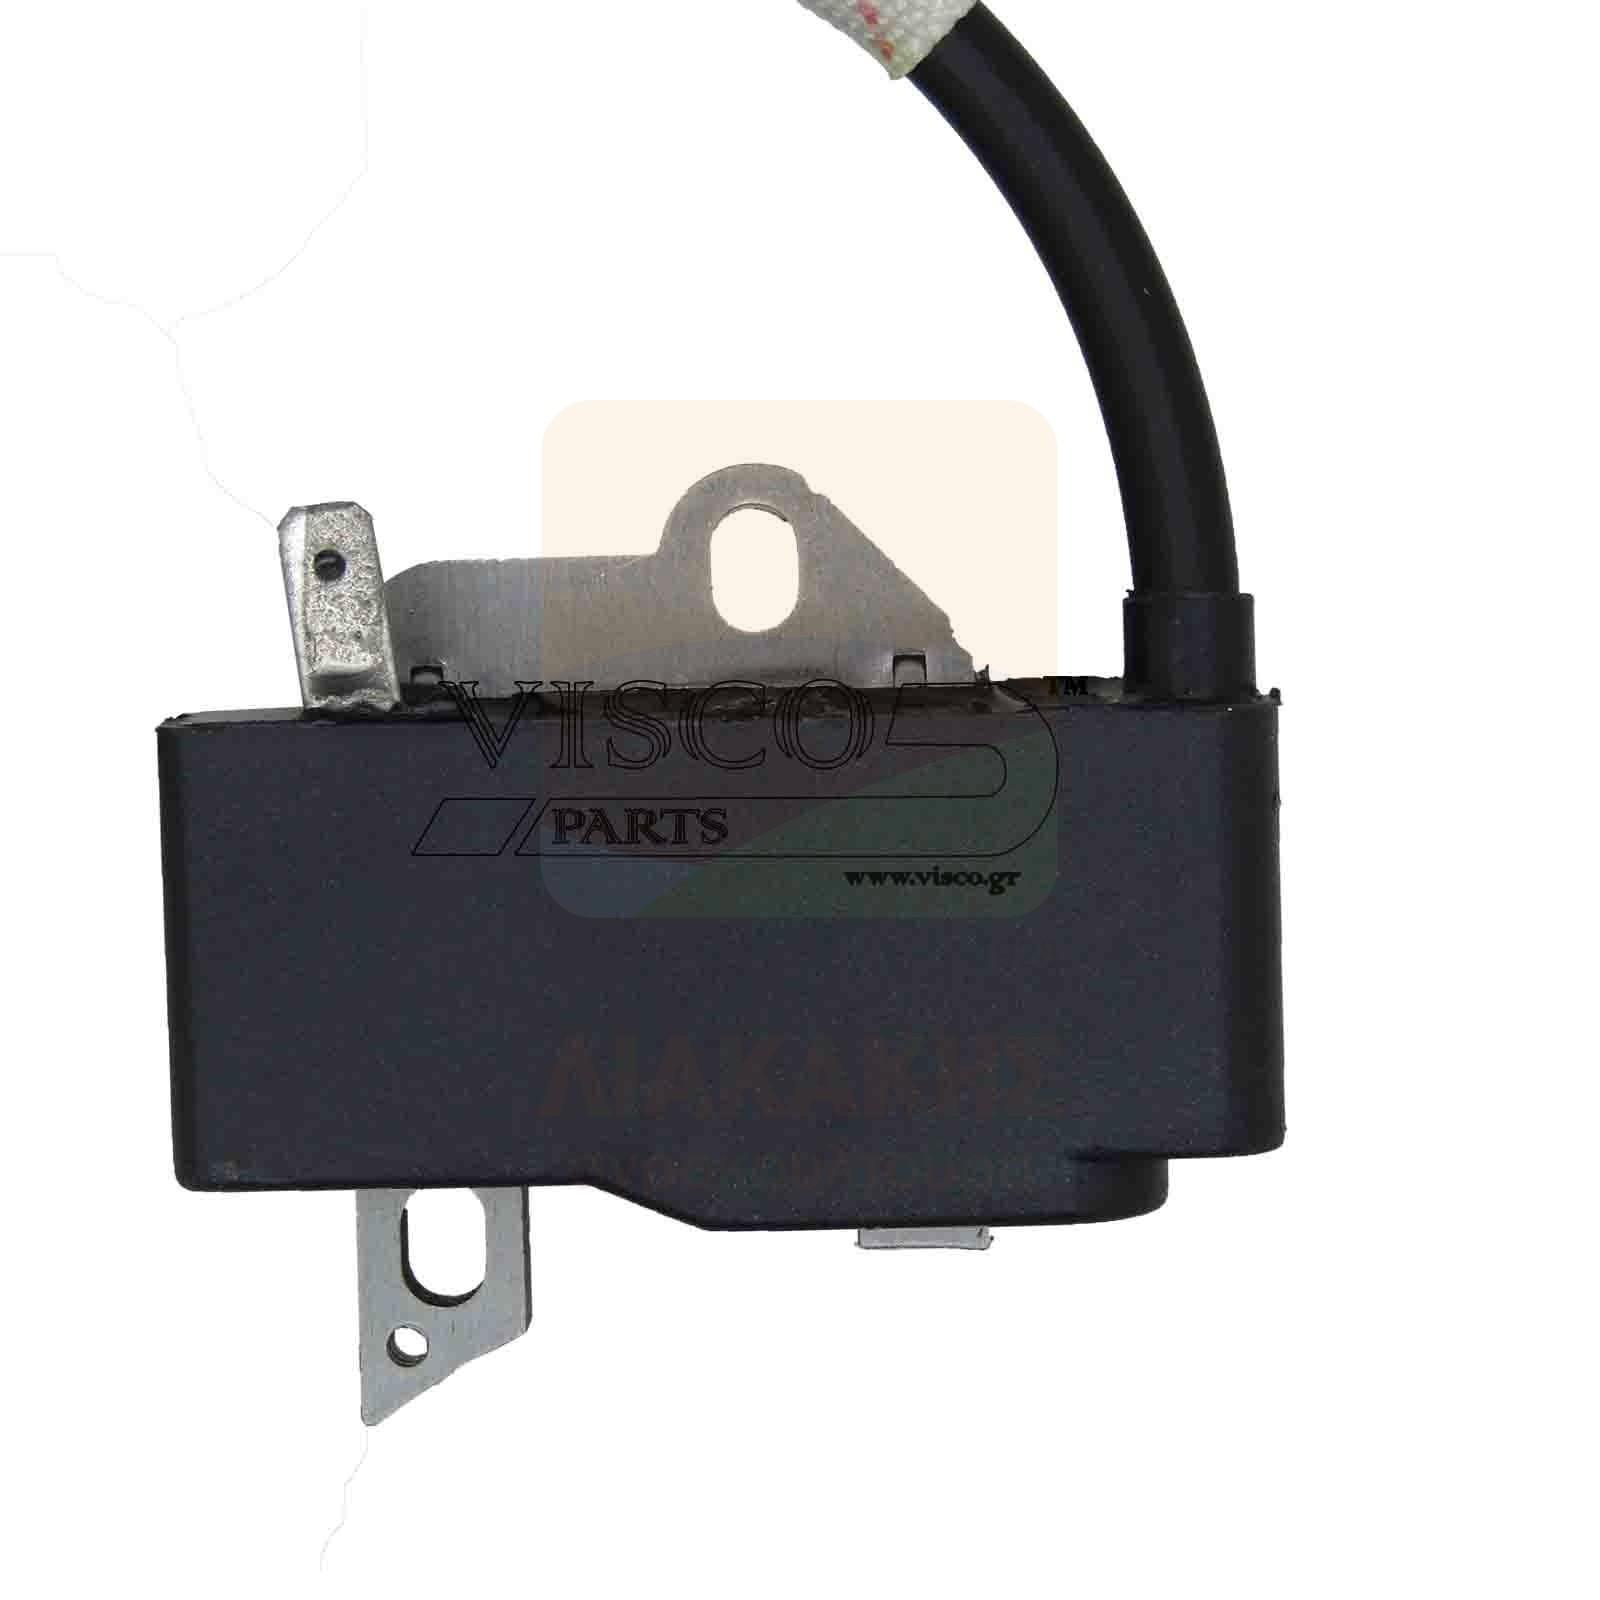 ΗΛΕ-129 Ηλεκτρονική HUSQVARNA 125B-125BX-125BVX